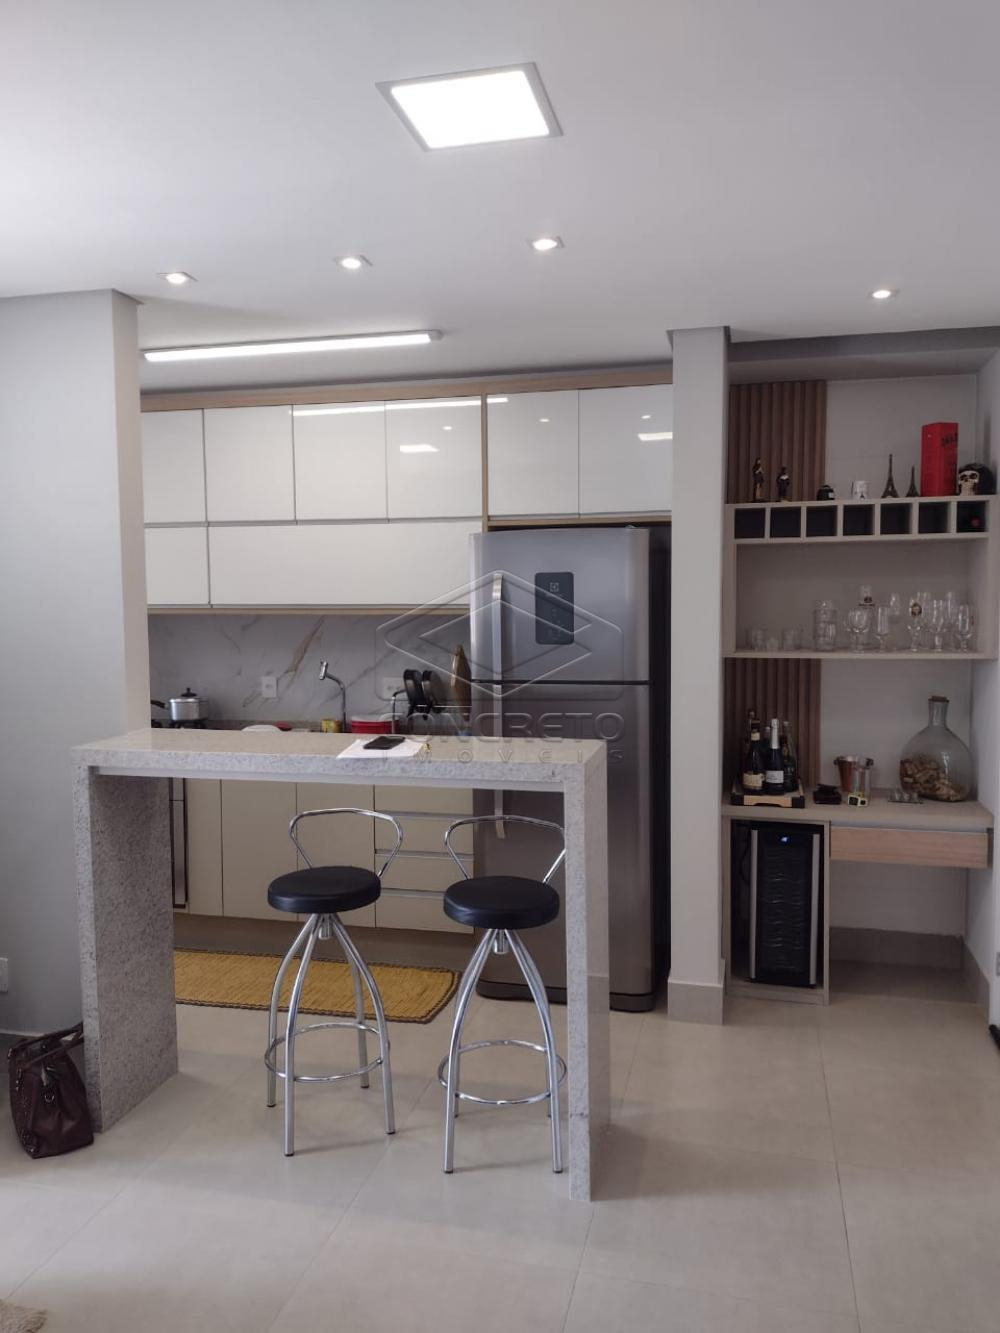 Comprar Apartamento / Padrão em Bauru apenas R$ 400.000,00 - Foto 4